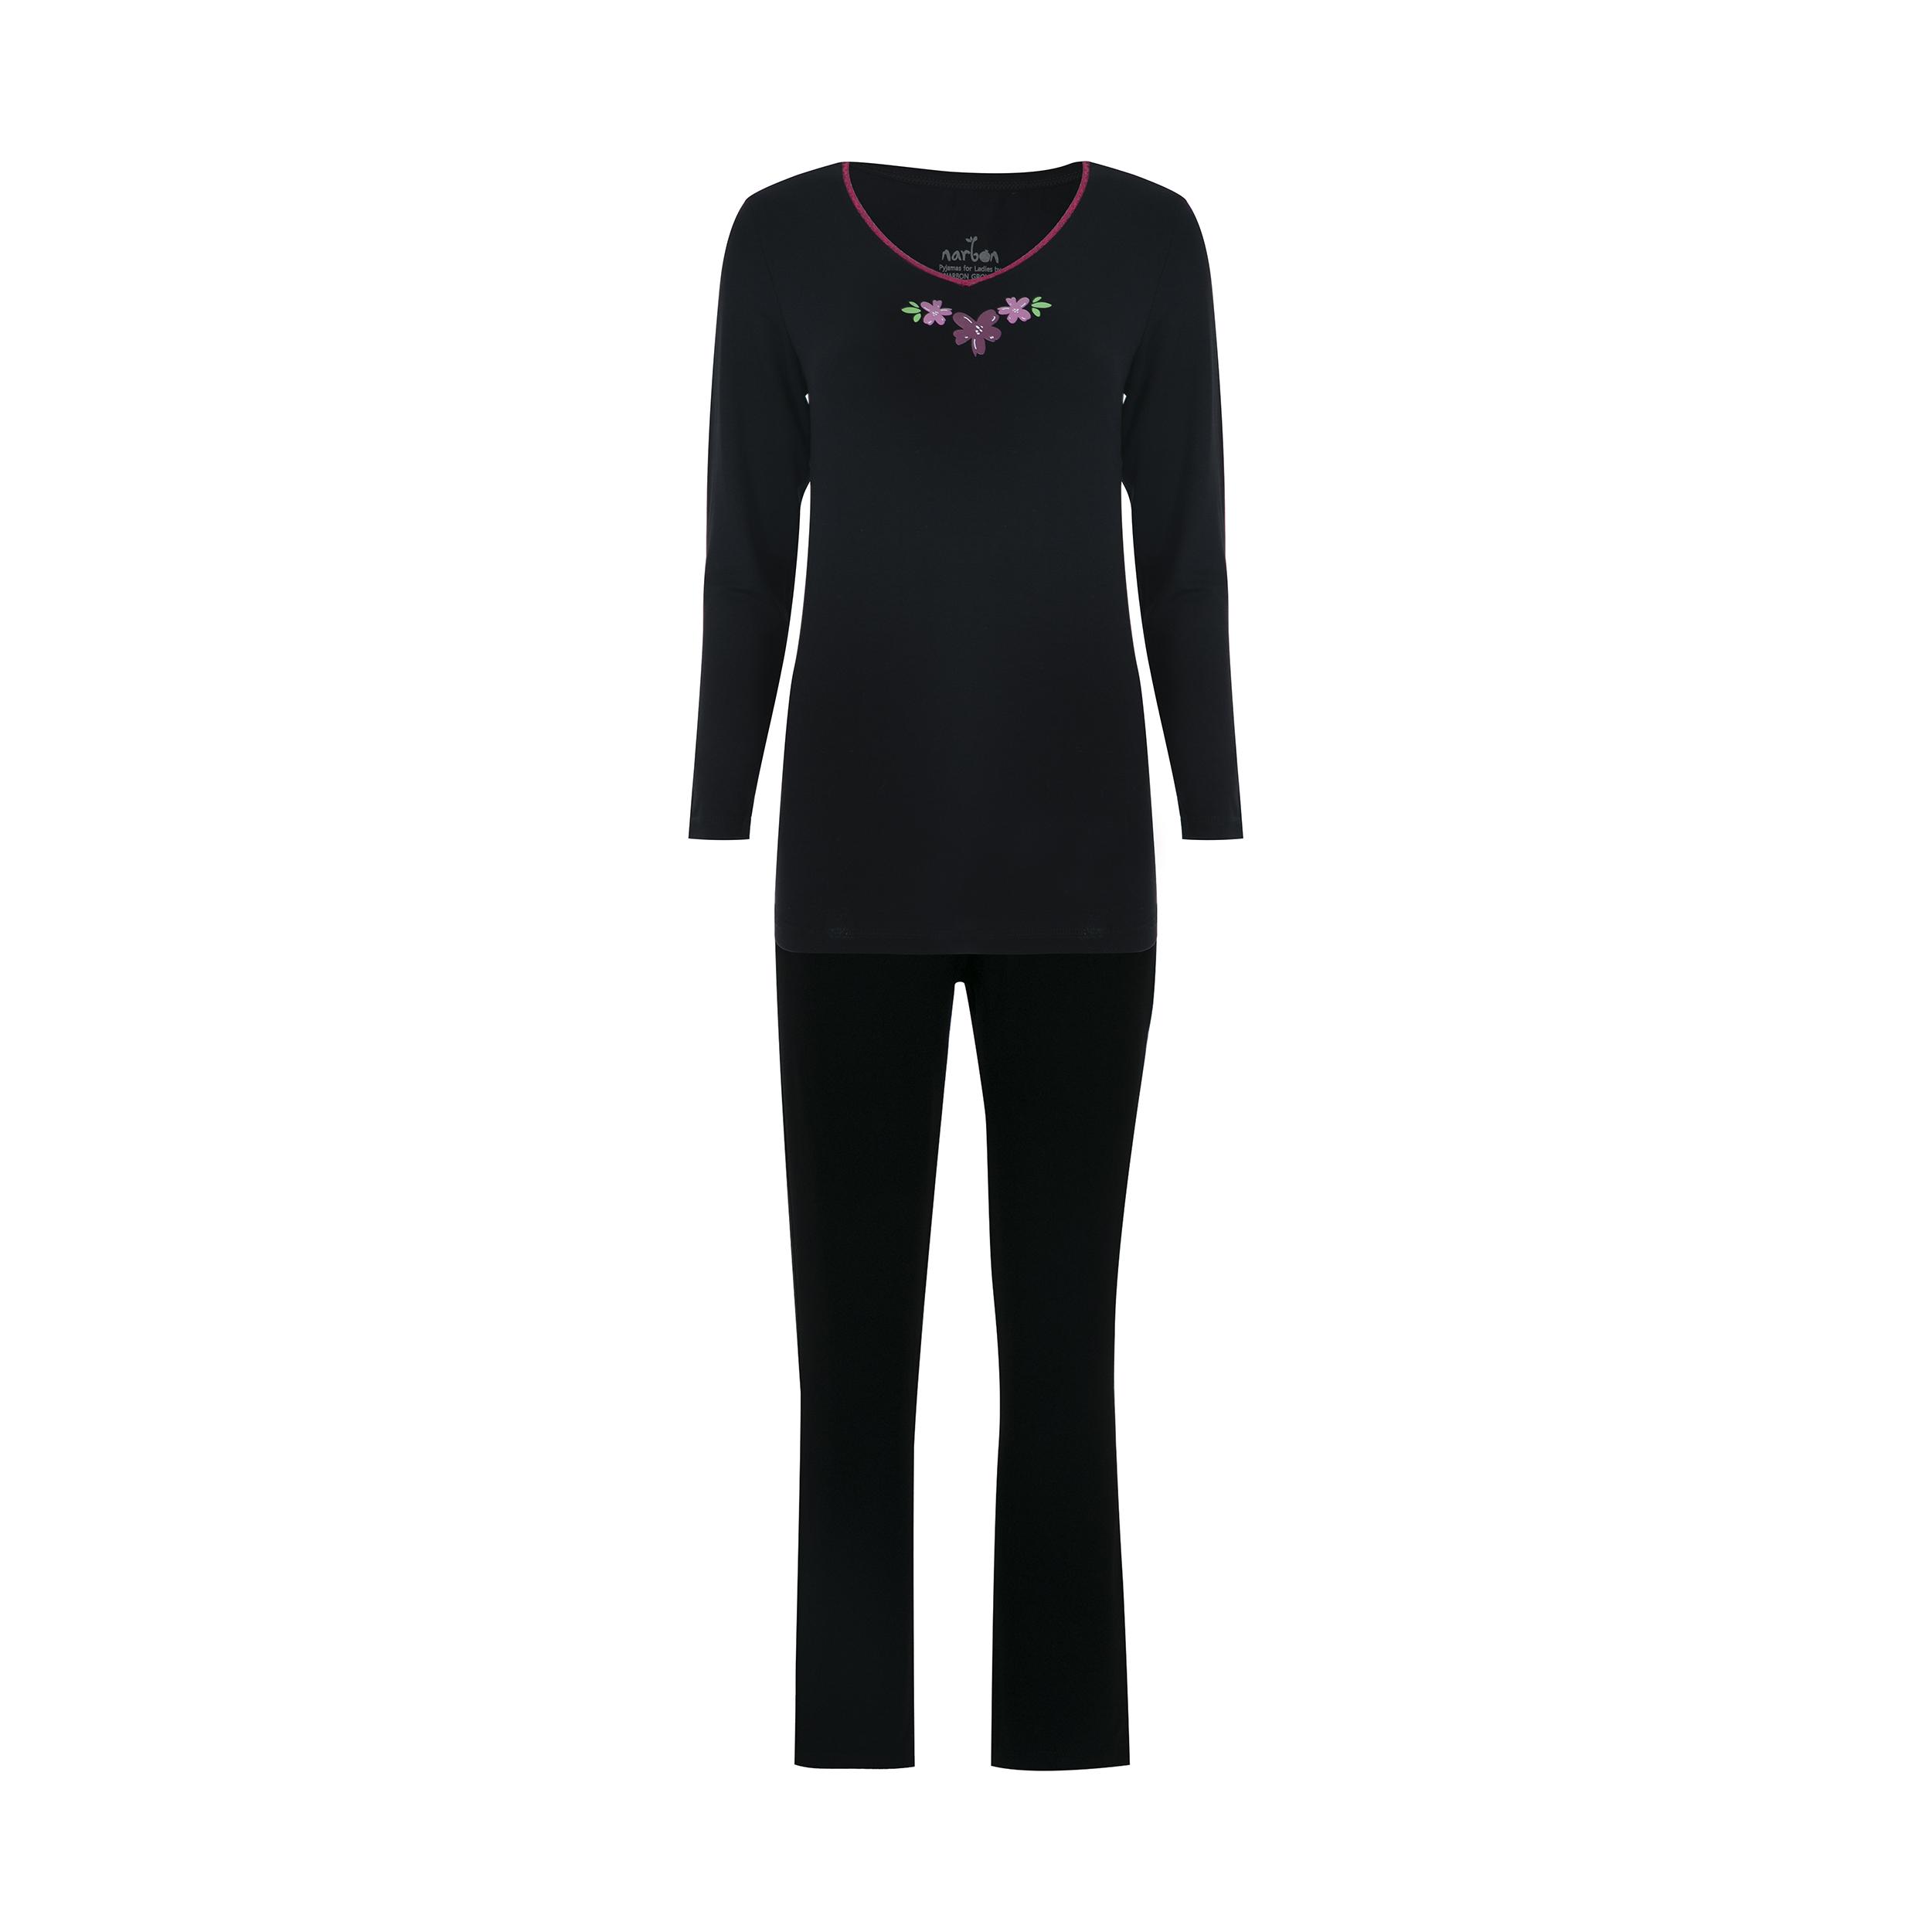 ست تی شرت و شلوار راحتی زنانه ناربن مدل 1521240-99